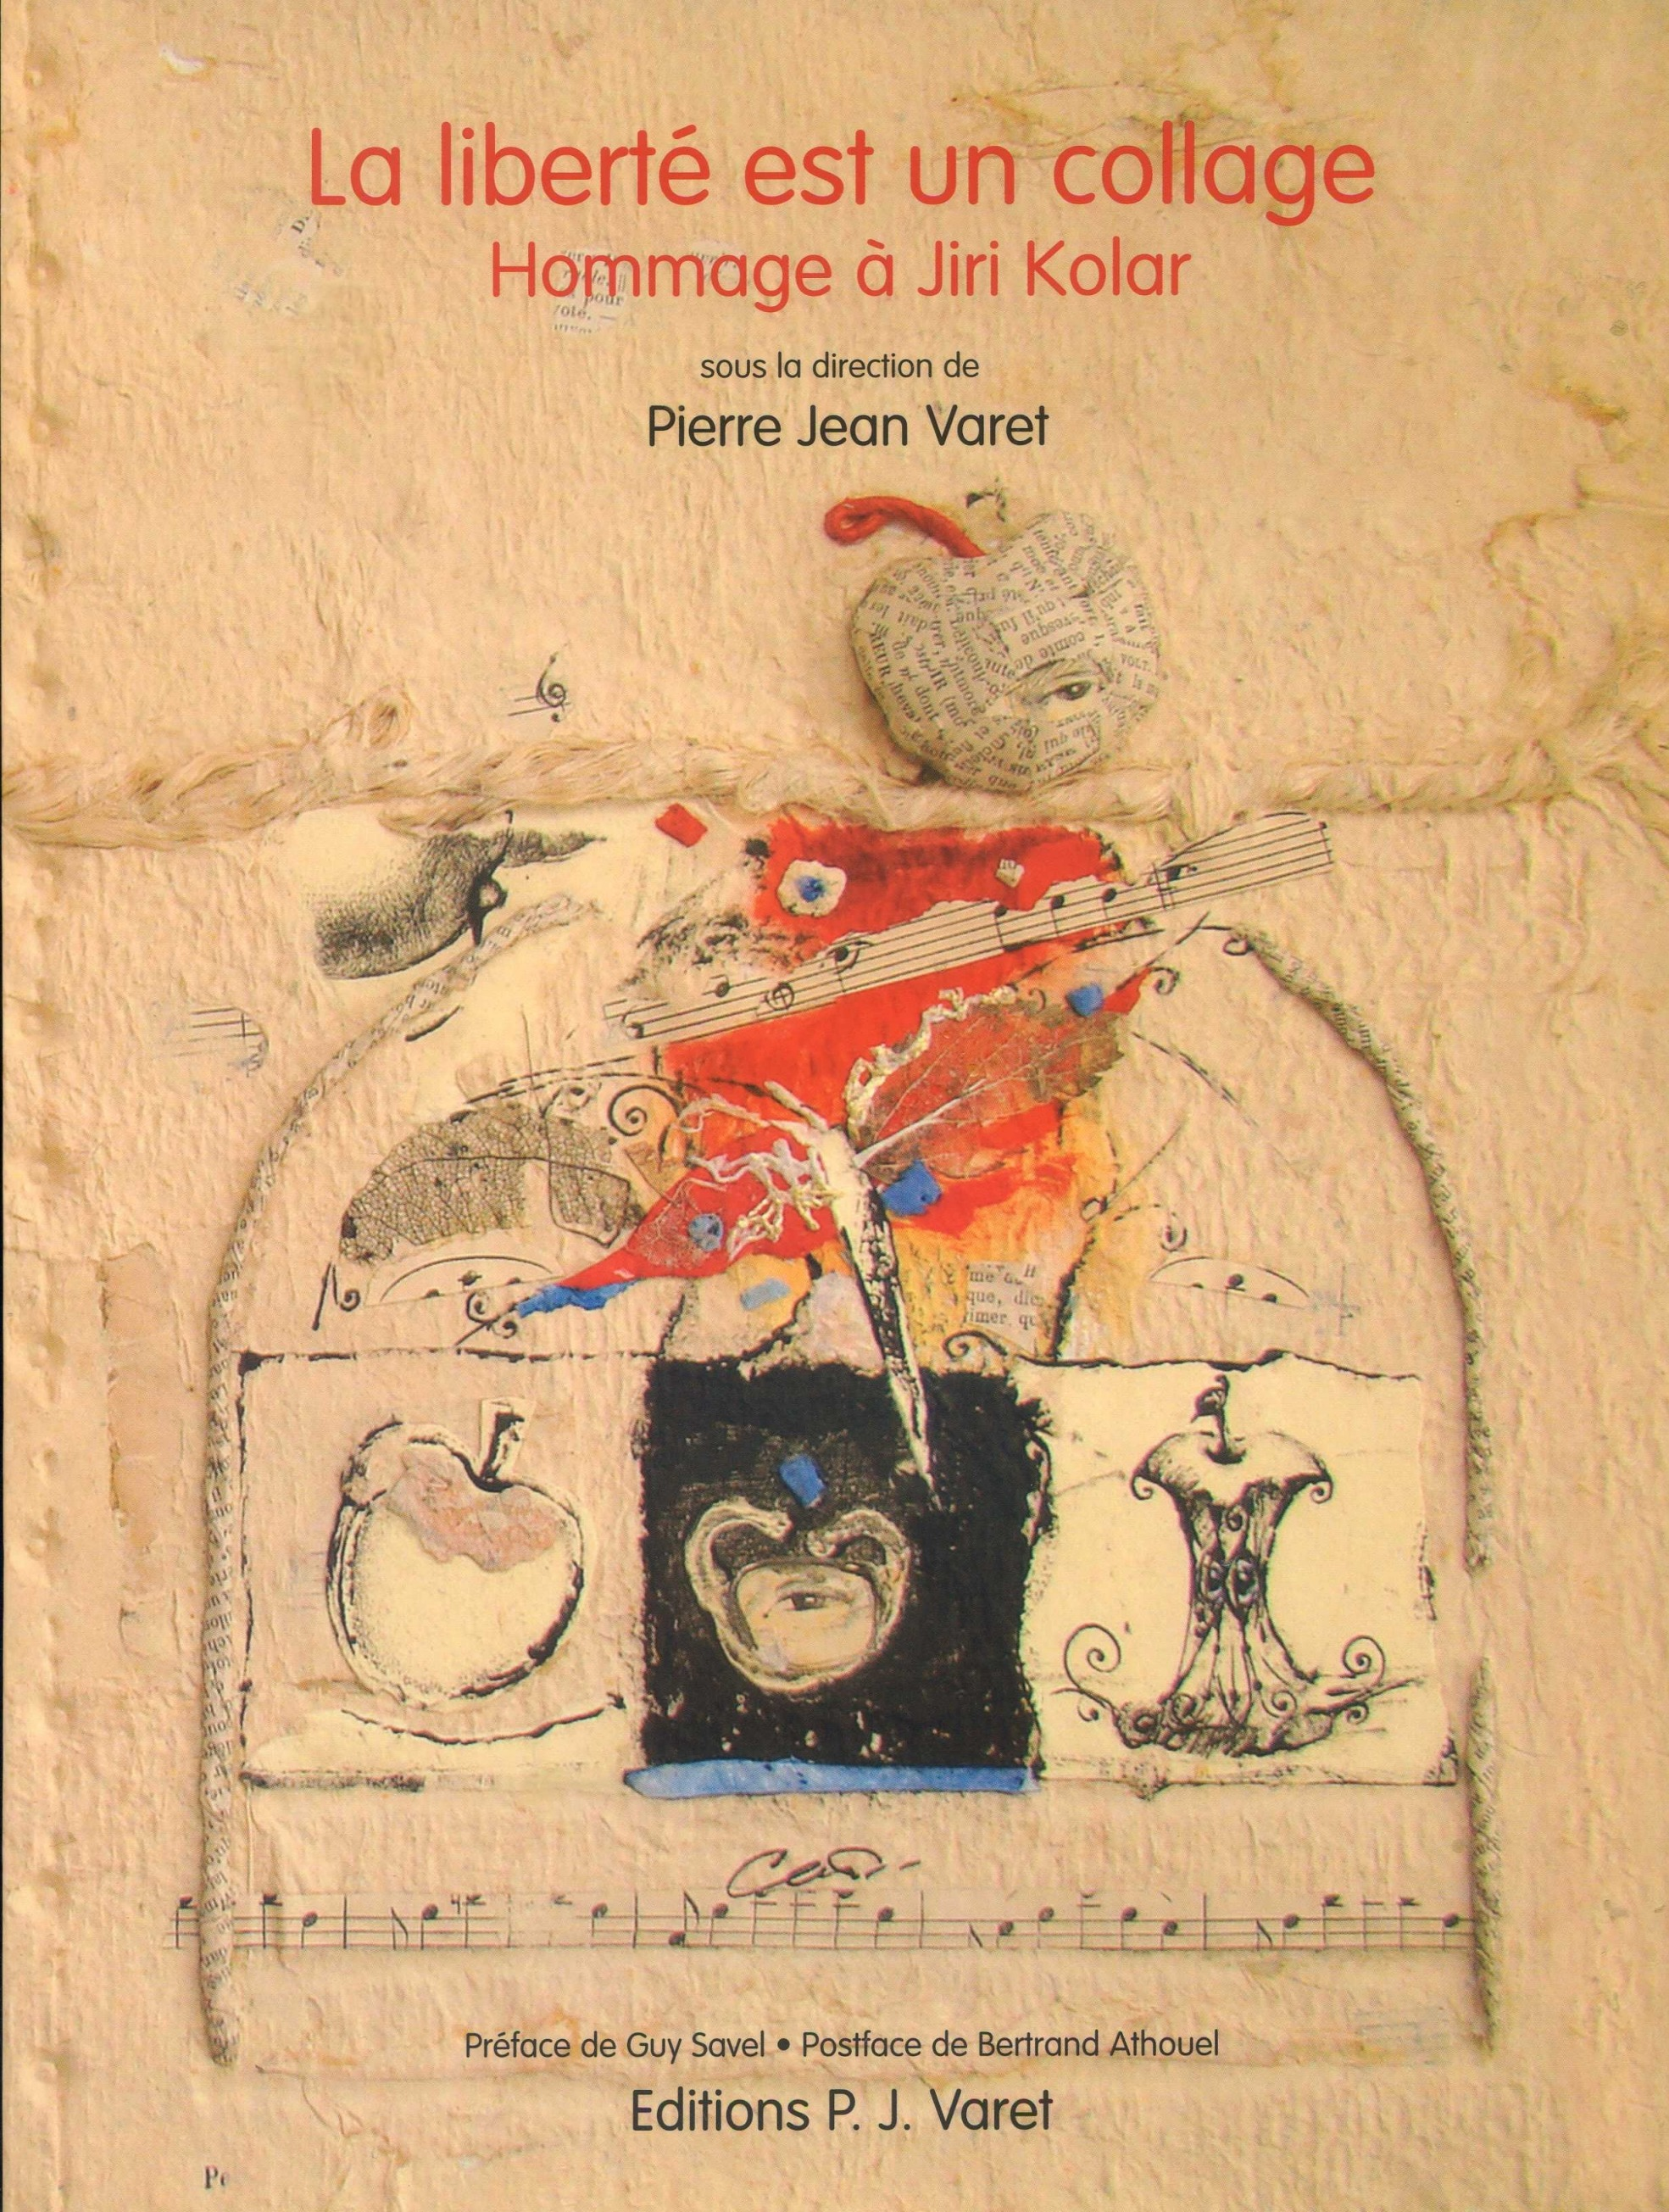 La liberté est un collage - Hommage à Jiri Kolar